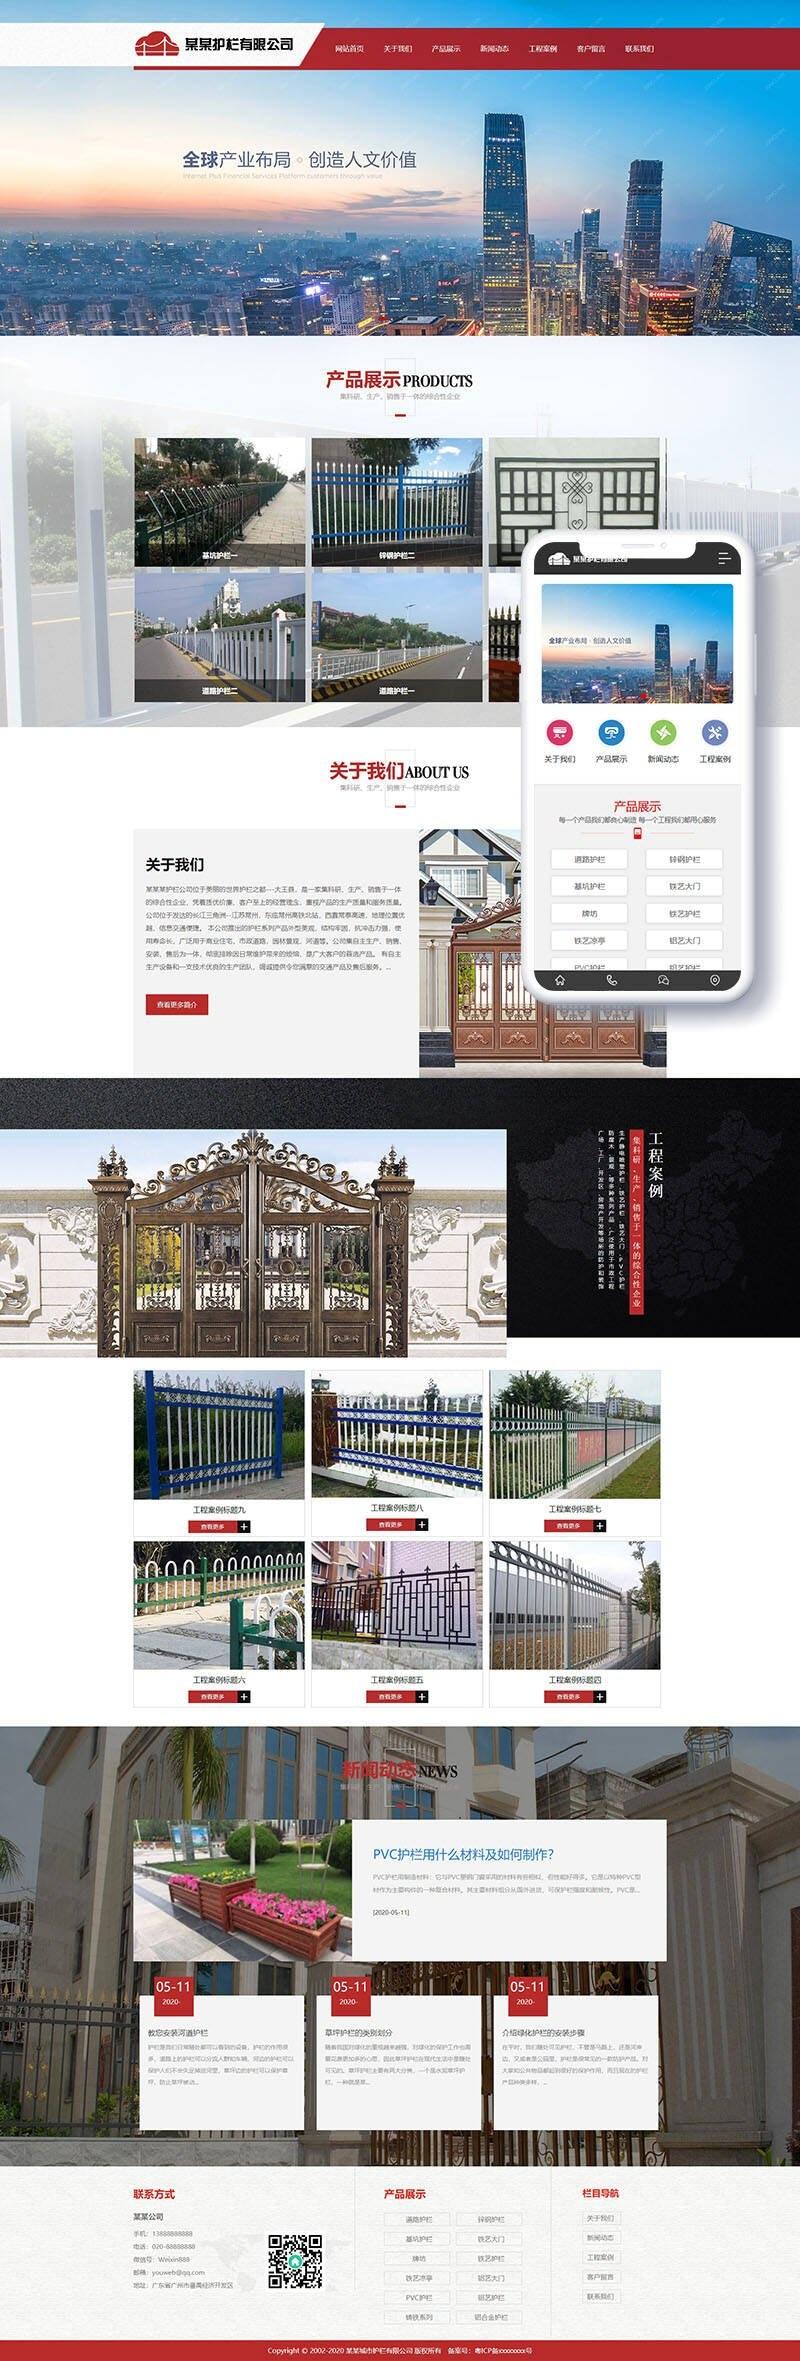 道路护栏交通设施类网站织梦模板模板(带手机端)